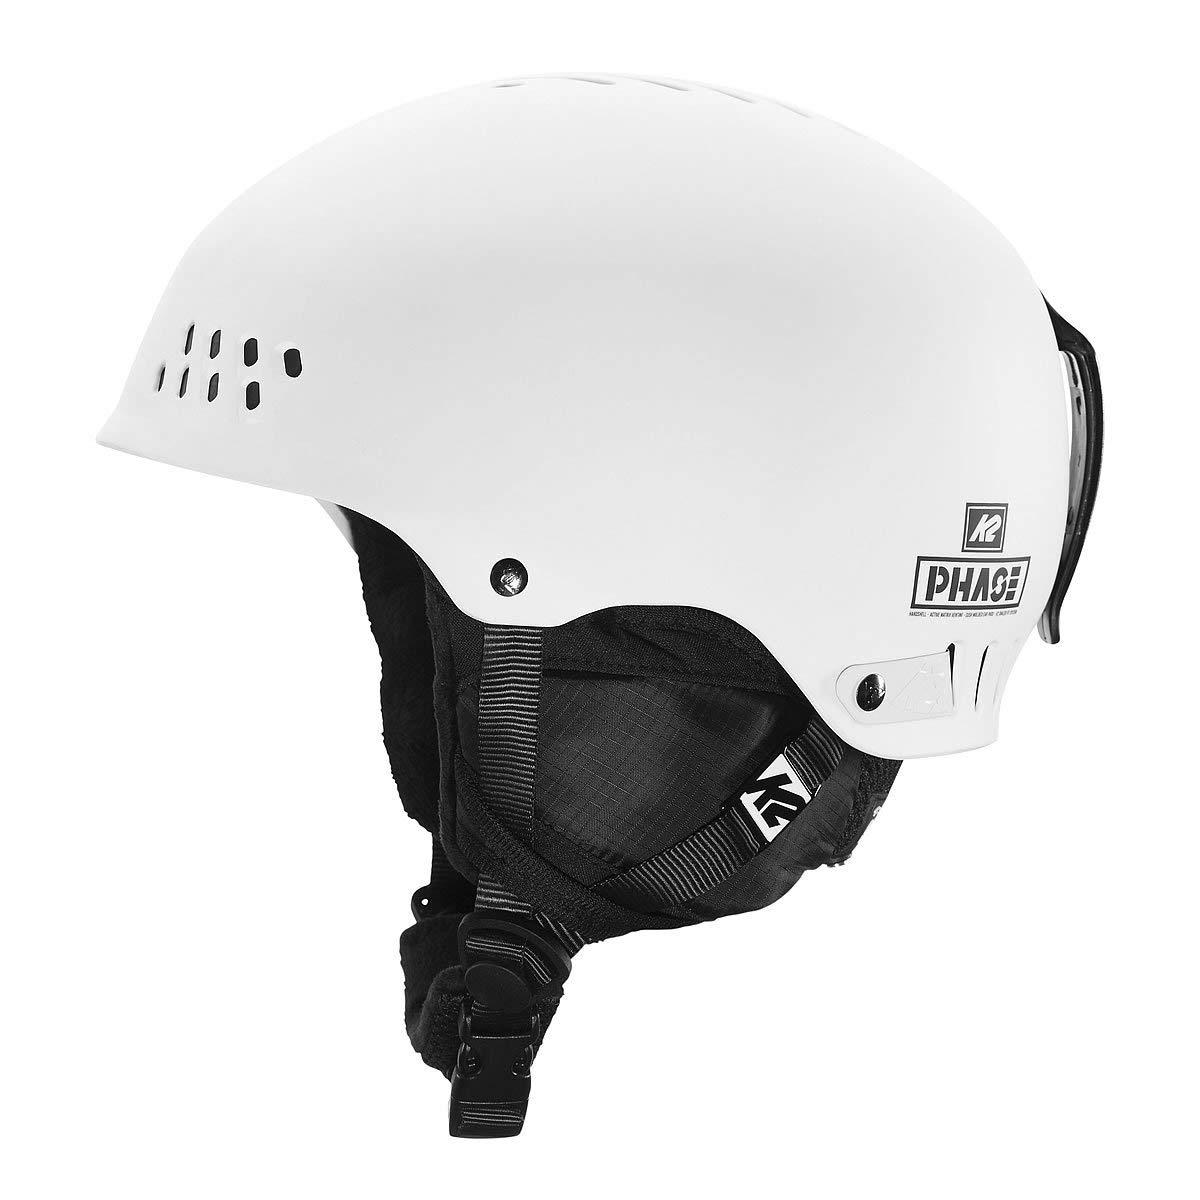 スキーヘルメット k2のPHASE PRO